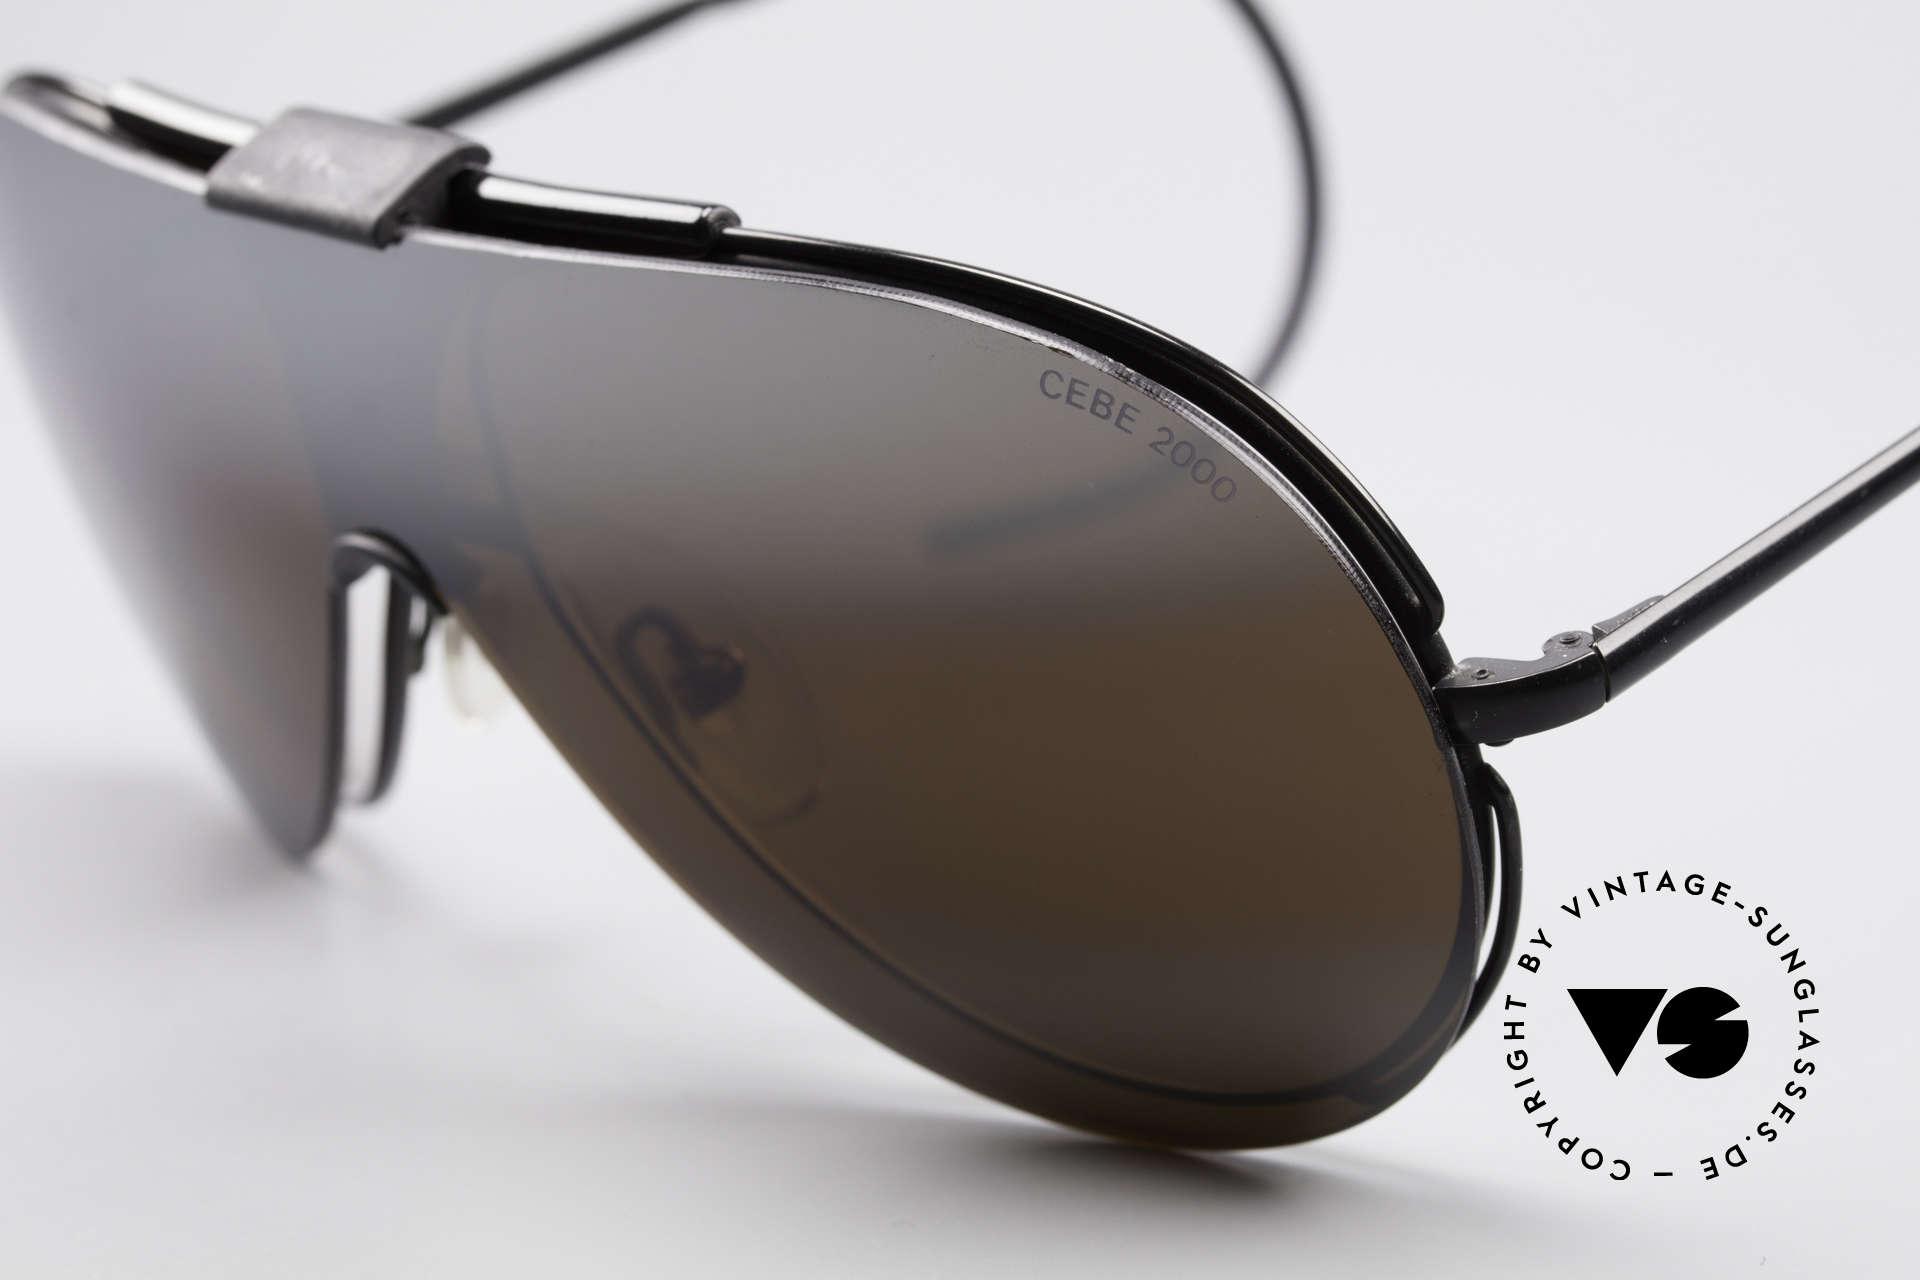 Cebe 2000 Clip On Rallye Sportbrille, verspiegelter Sonnenschutz; Sportbügel für idealen Halt, Passend für Herren